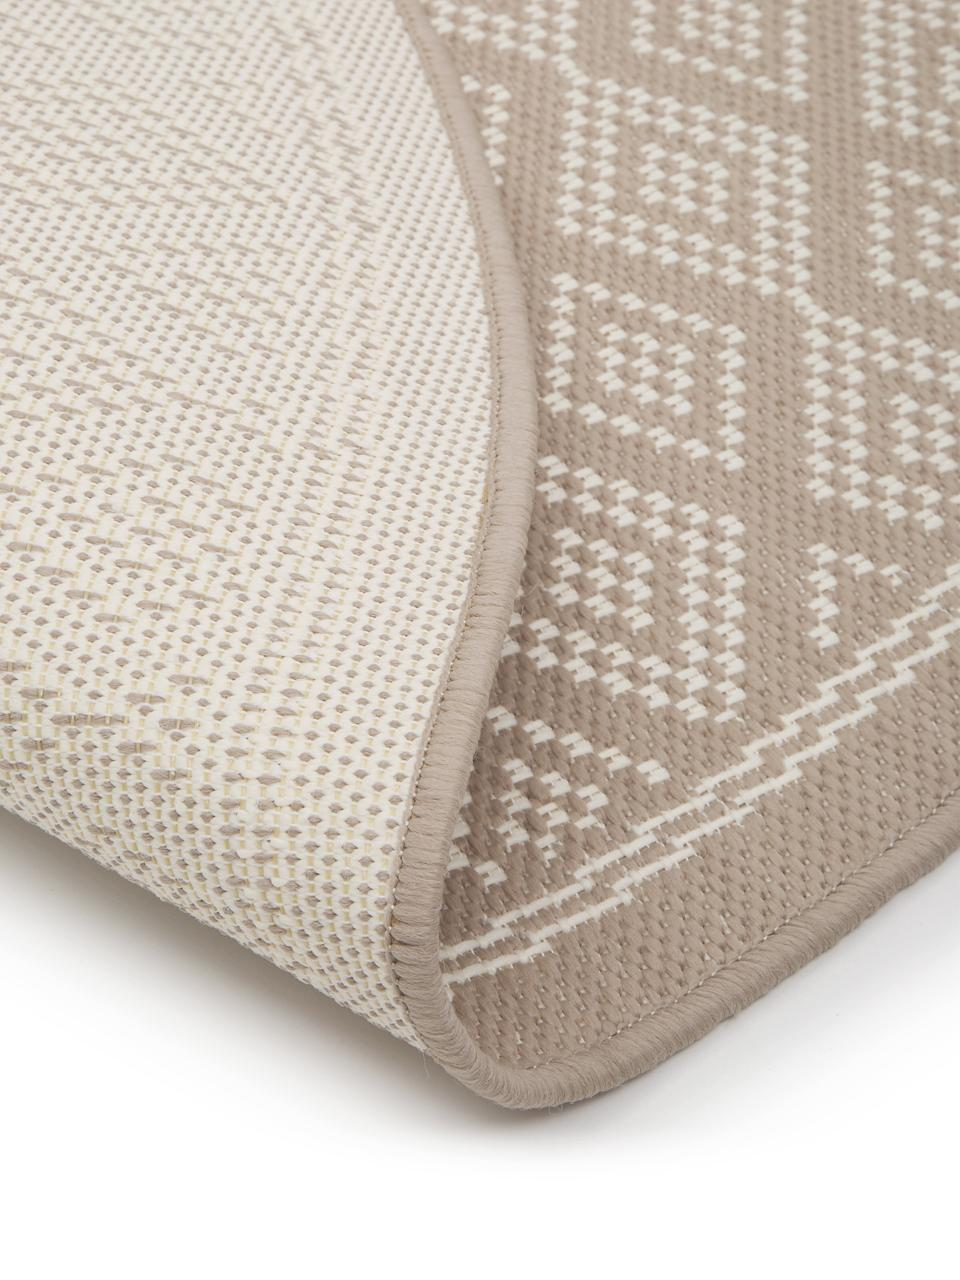 In- & Outdoor-Teppich Capri in Beige/Creme, 86% Polypropylen, 14% Polyester, Weiß, Beige, Ø 200 cm (Größe L)